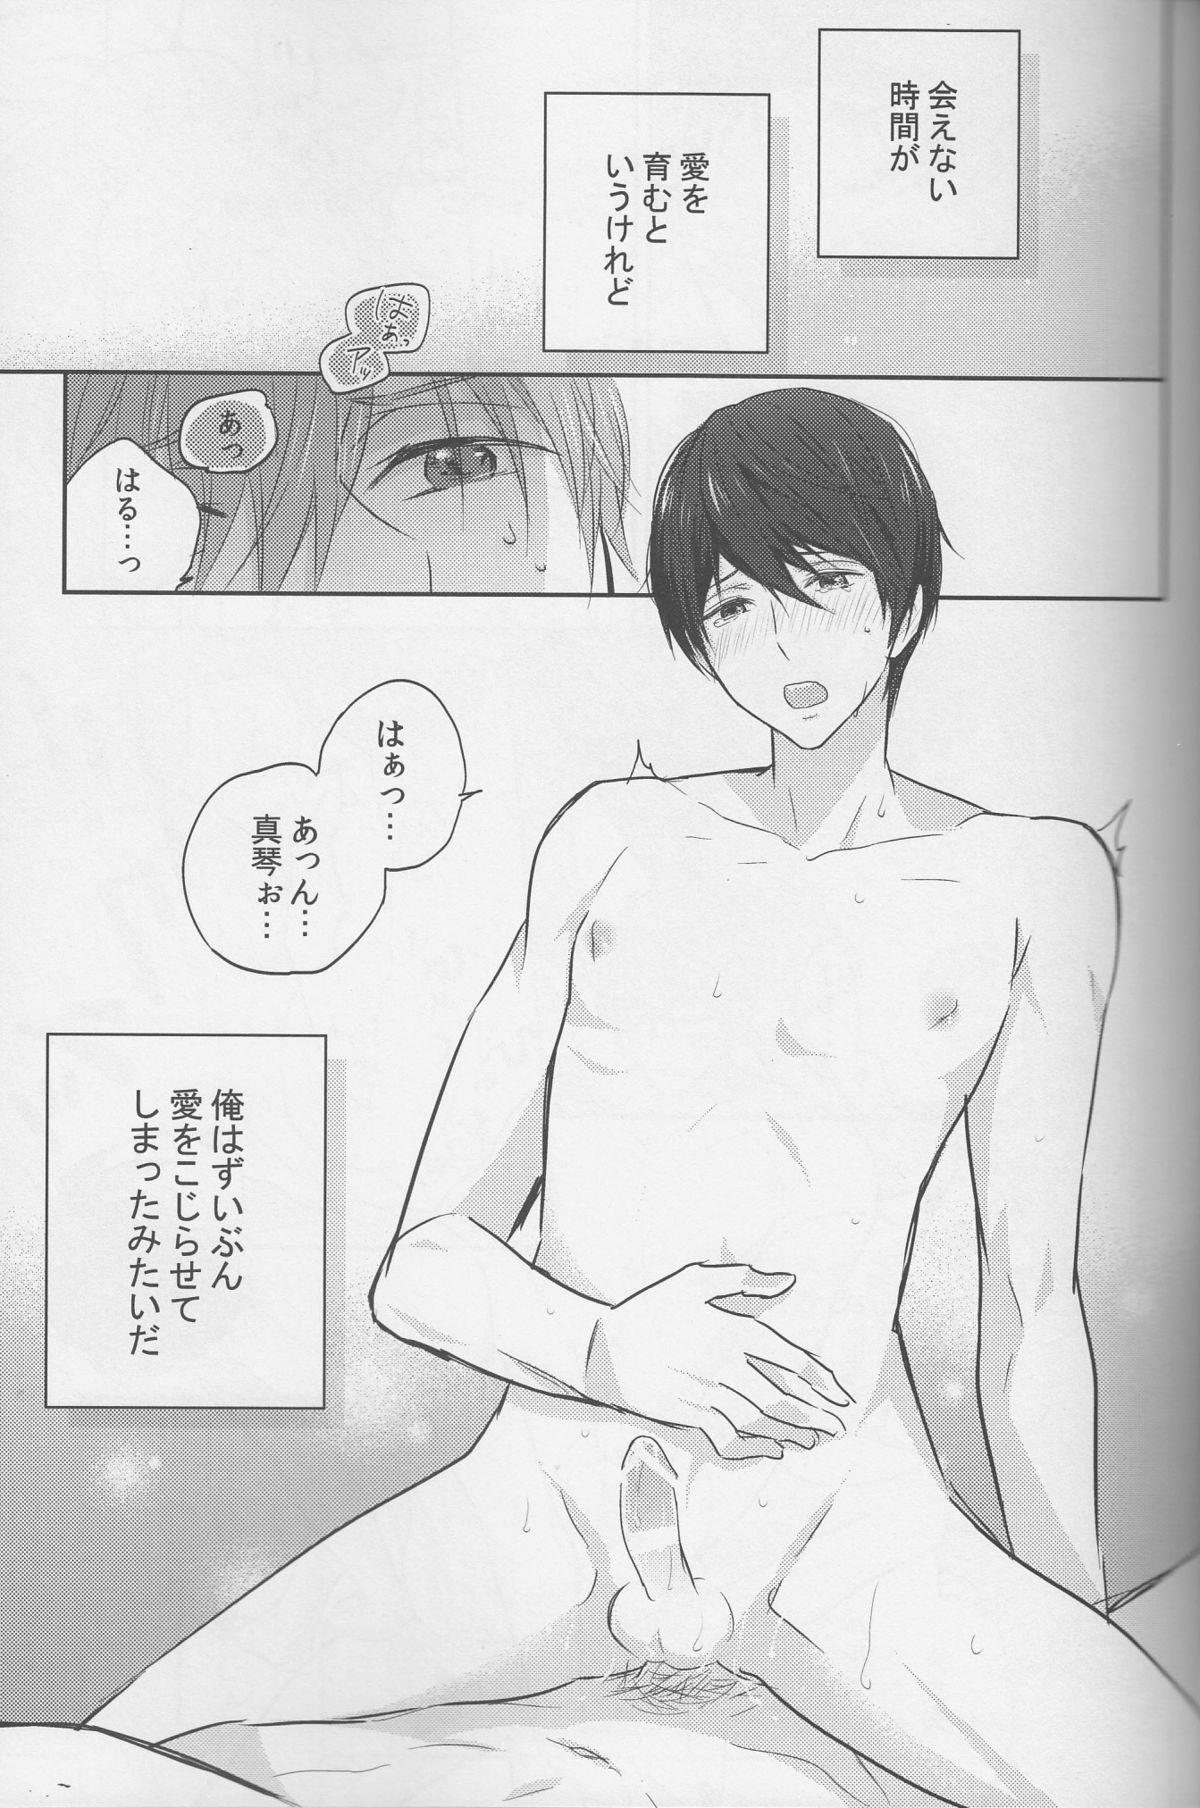 Haru-chan wa mono tarinai. 1